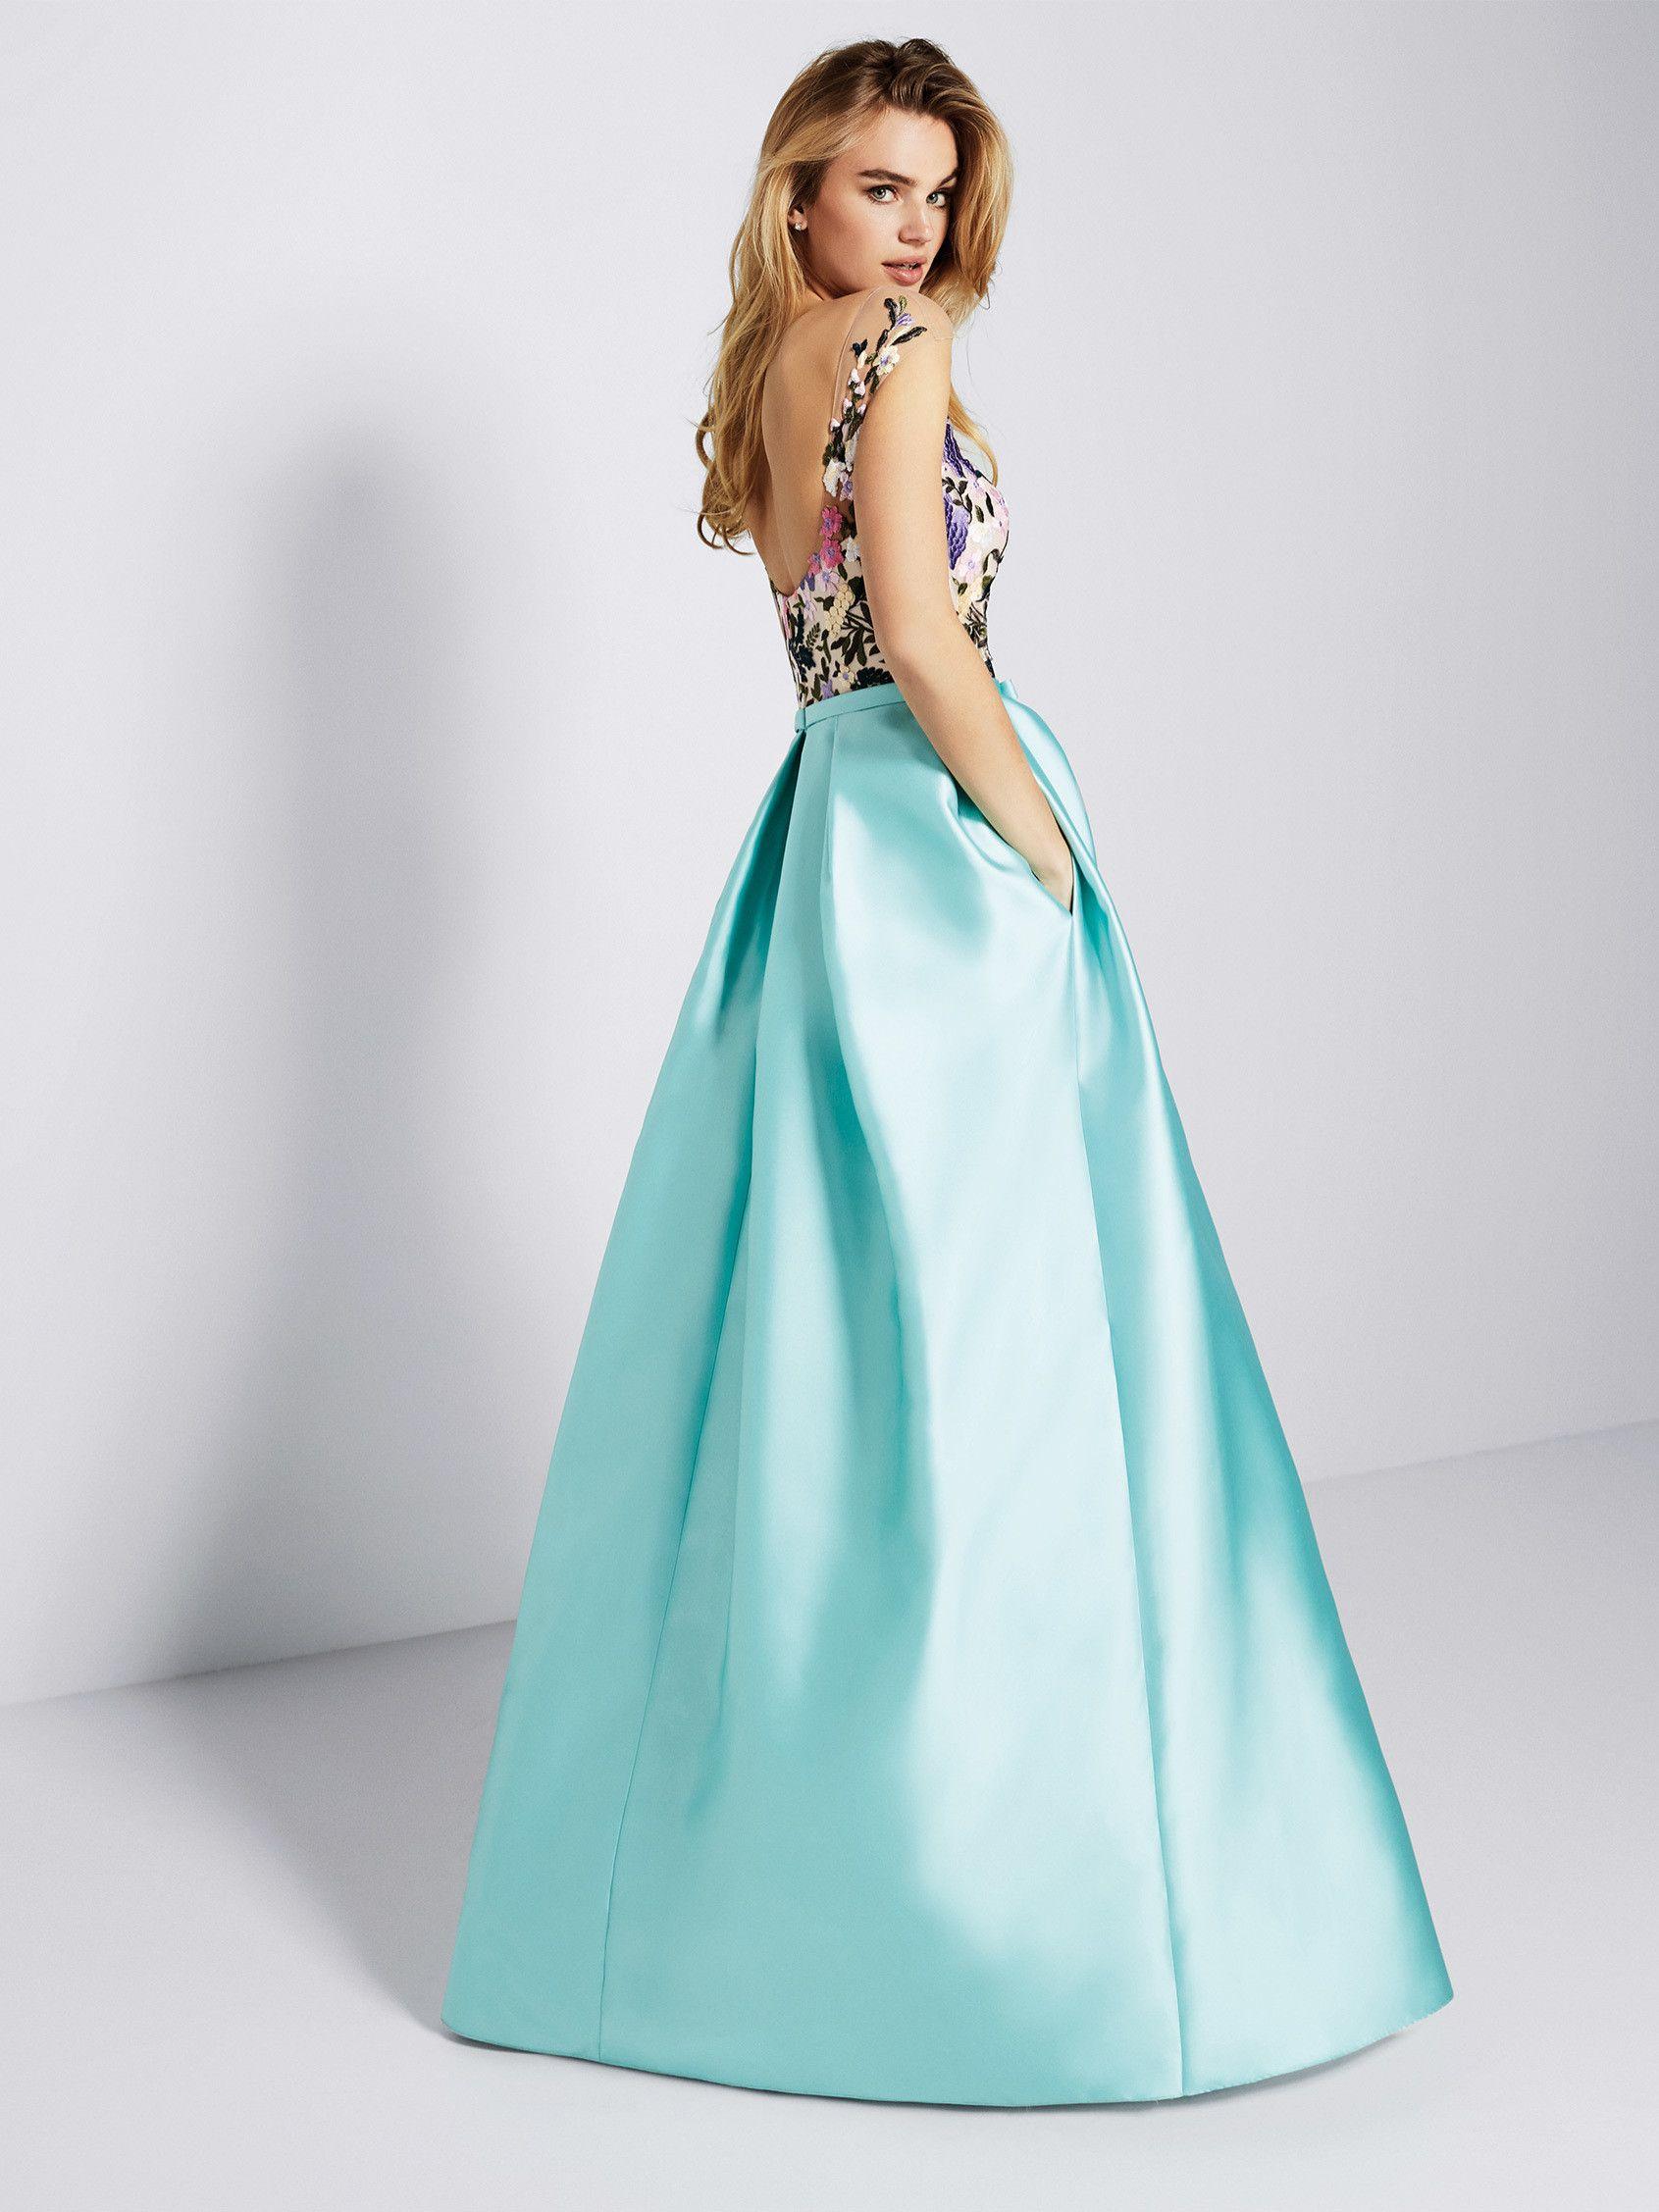 Vestido para boda mikado azul - Colección fiesta 2018 Pronovias ...